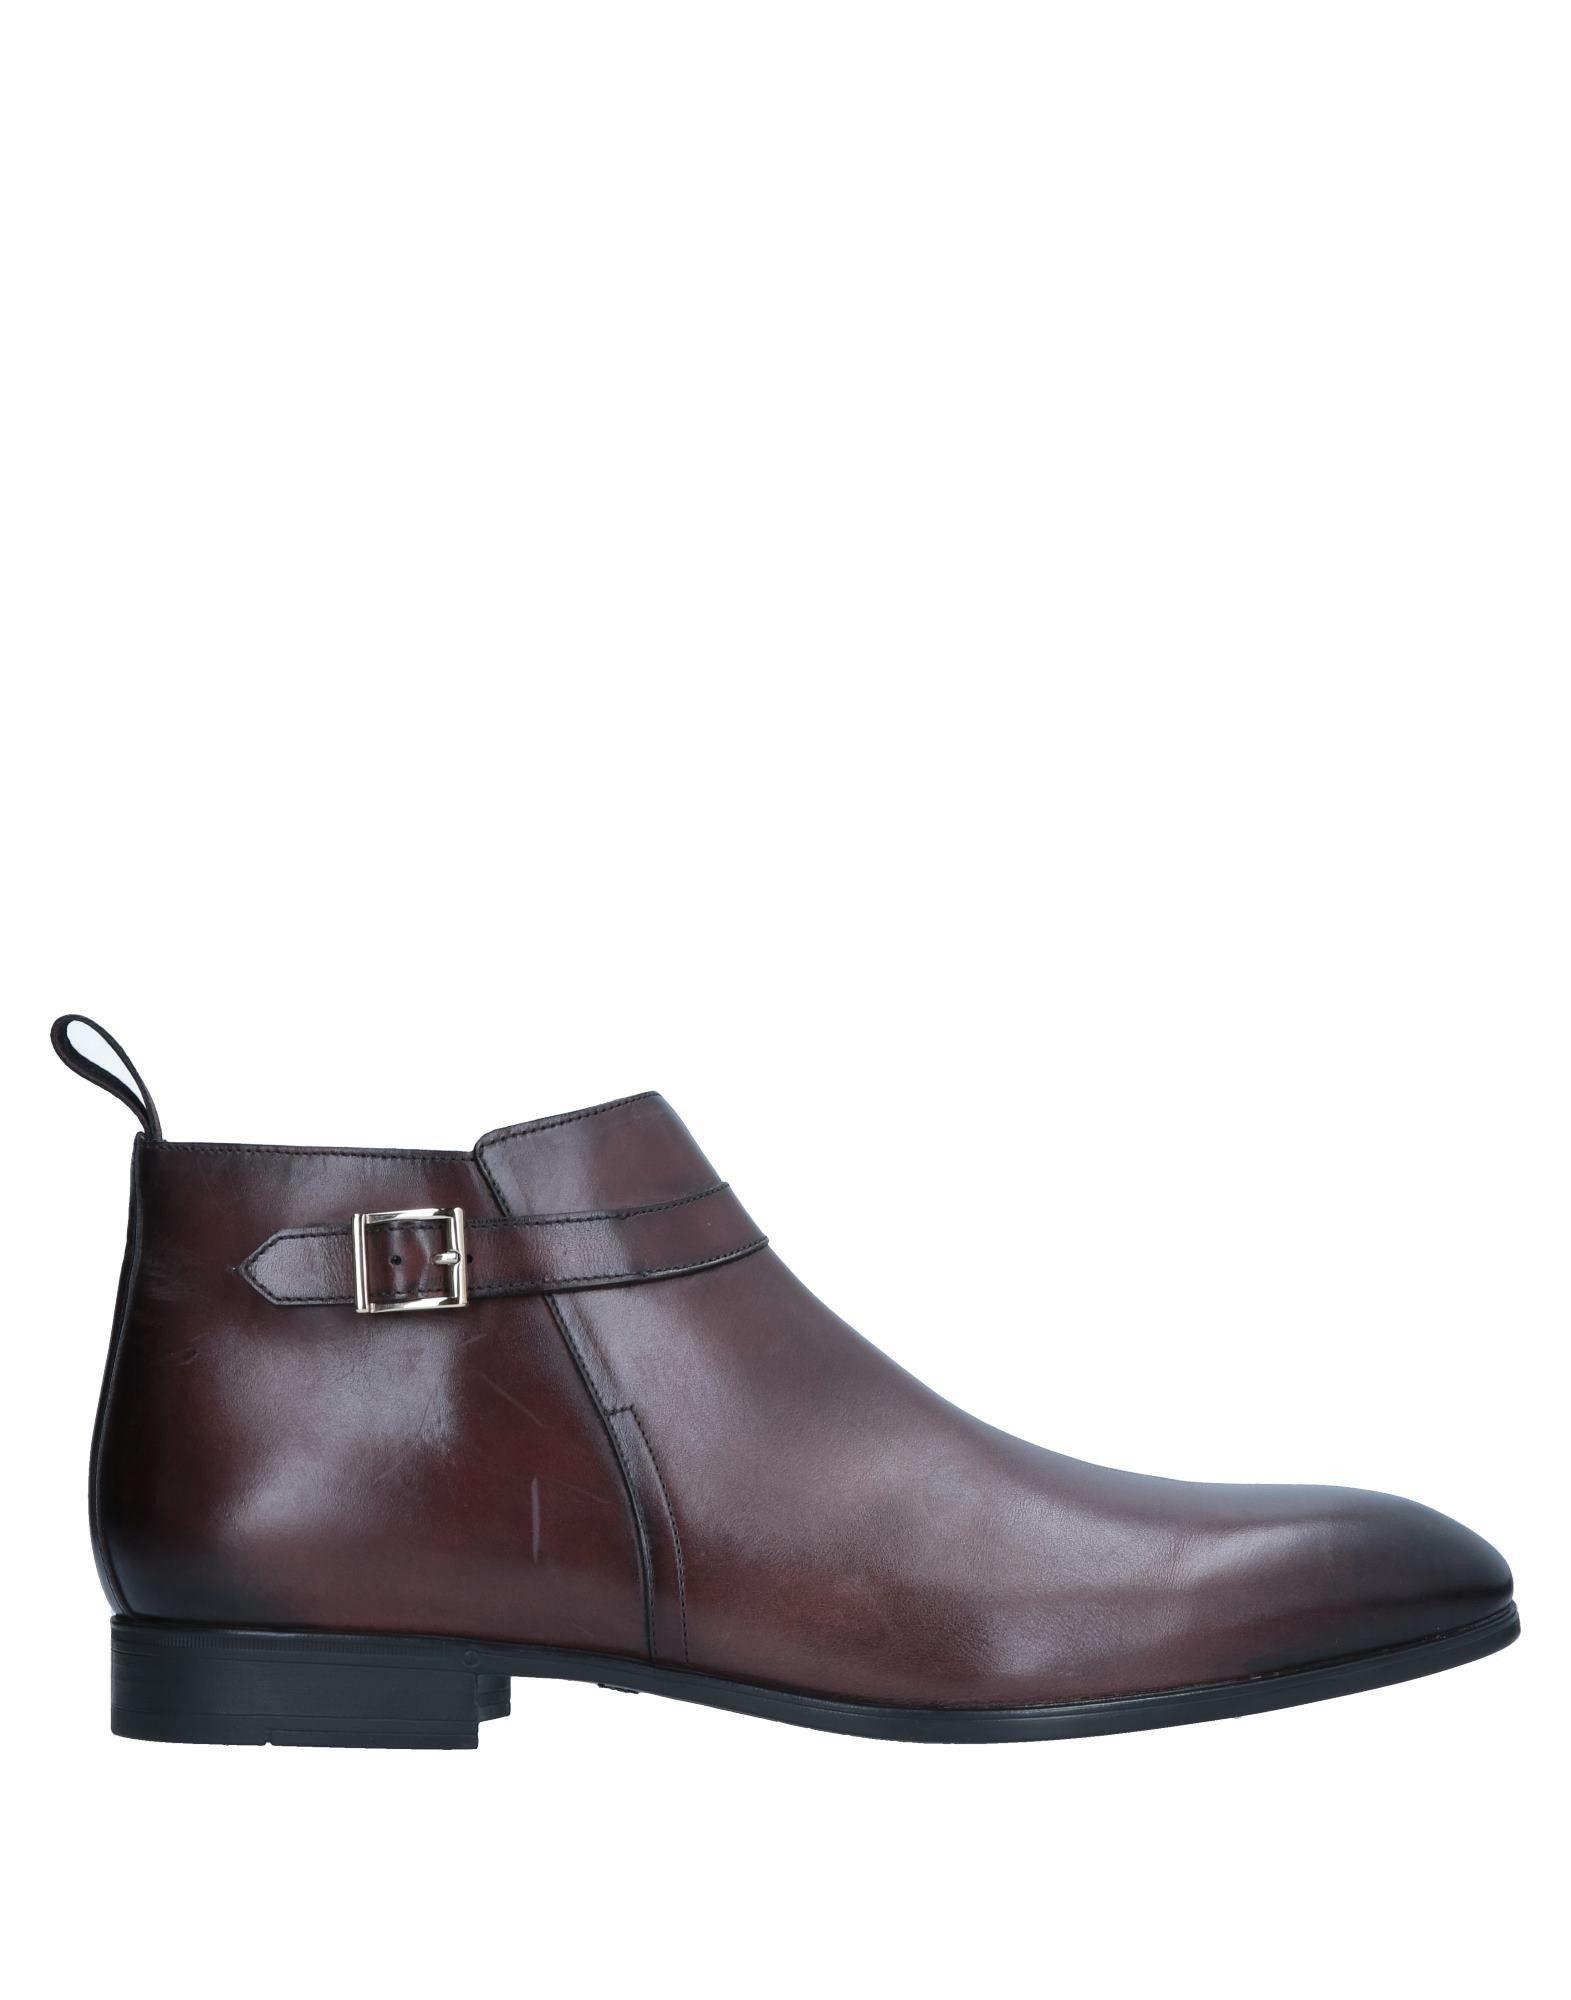 Santoni Stiefelette Herren  11541333WF Gute Qualität beliebte Schuhe